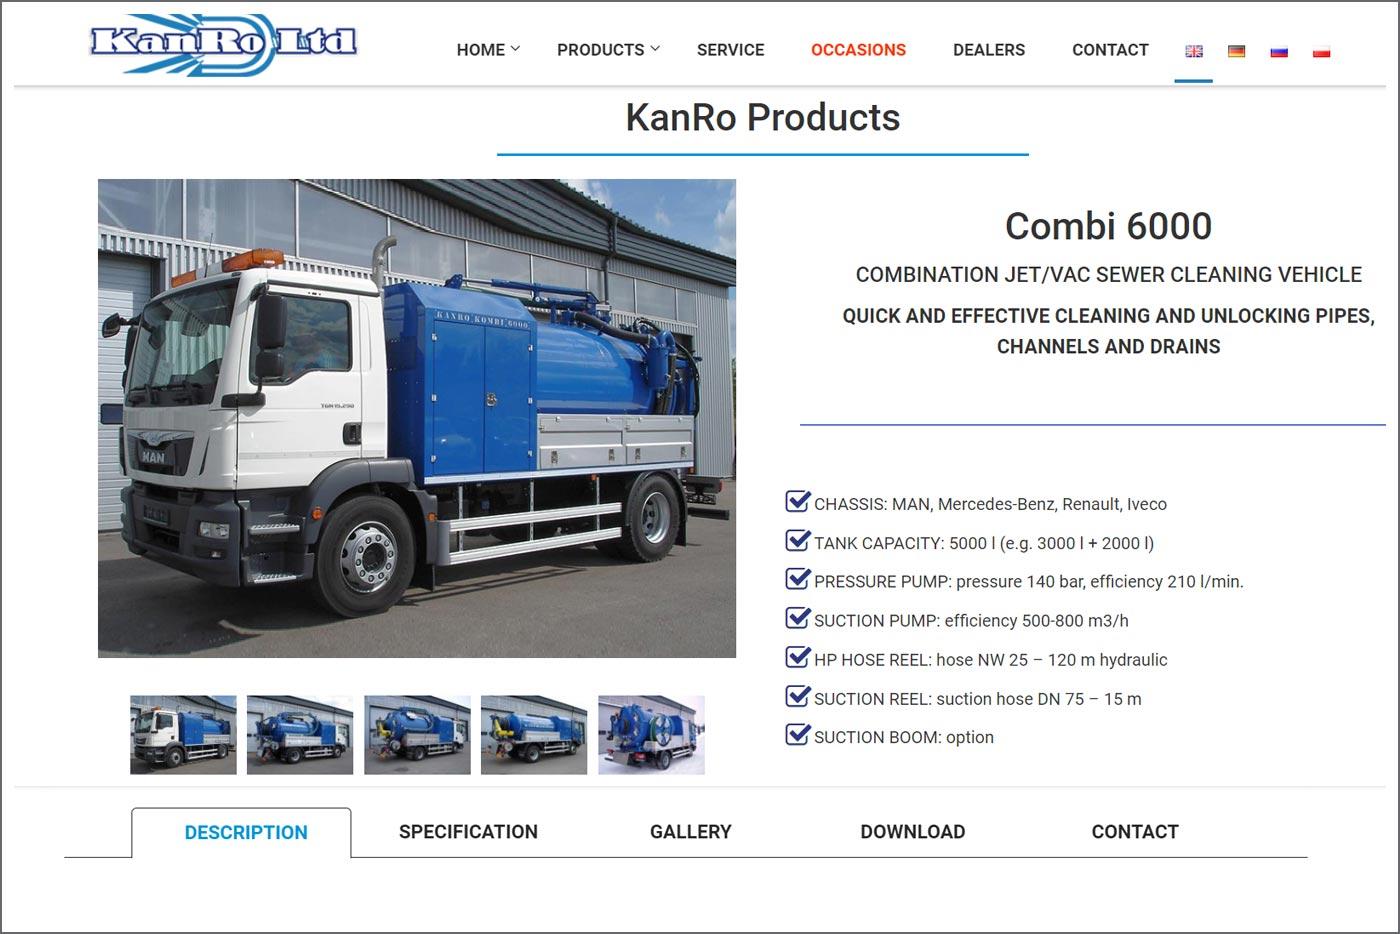 www.evion.pl-agencja-reklamowa-agencja-marketingowa-agencja-interaktywna-Białystok-tworzenie-stron-www-projektowanie-stron-internetowych-tworzenie-sklepów-internetowych budowanie (3)